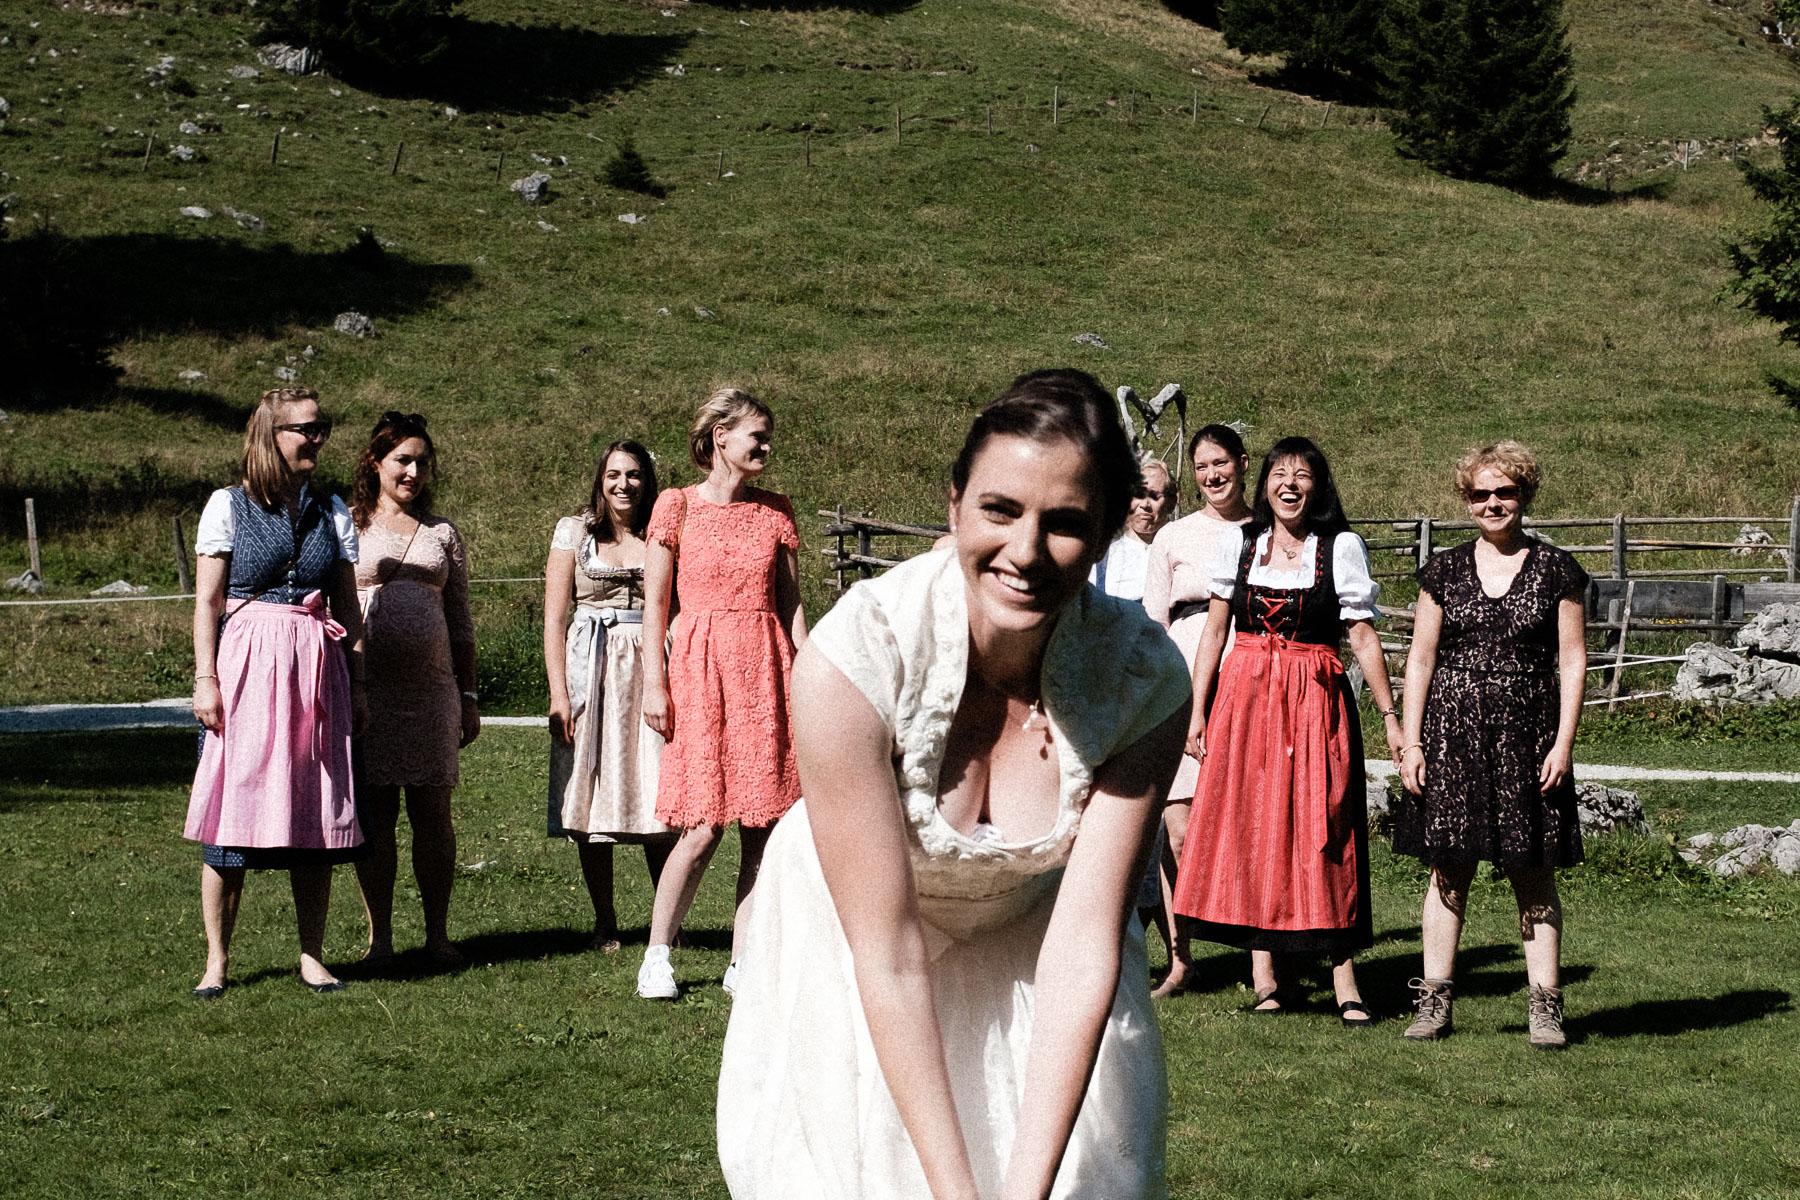 MartinLiebl_Hochzeitsfotograf_DPH_Blog_52.jpg